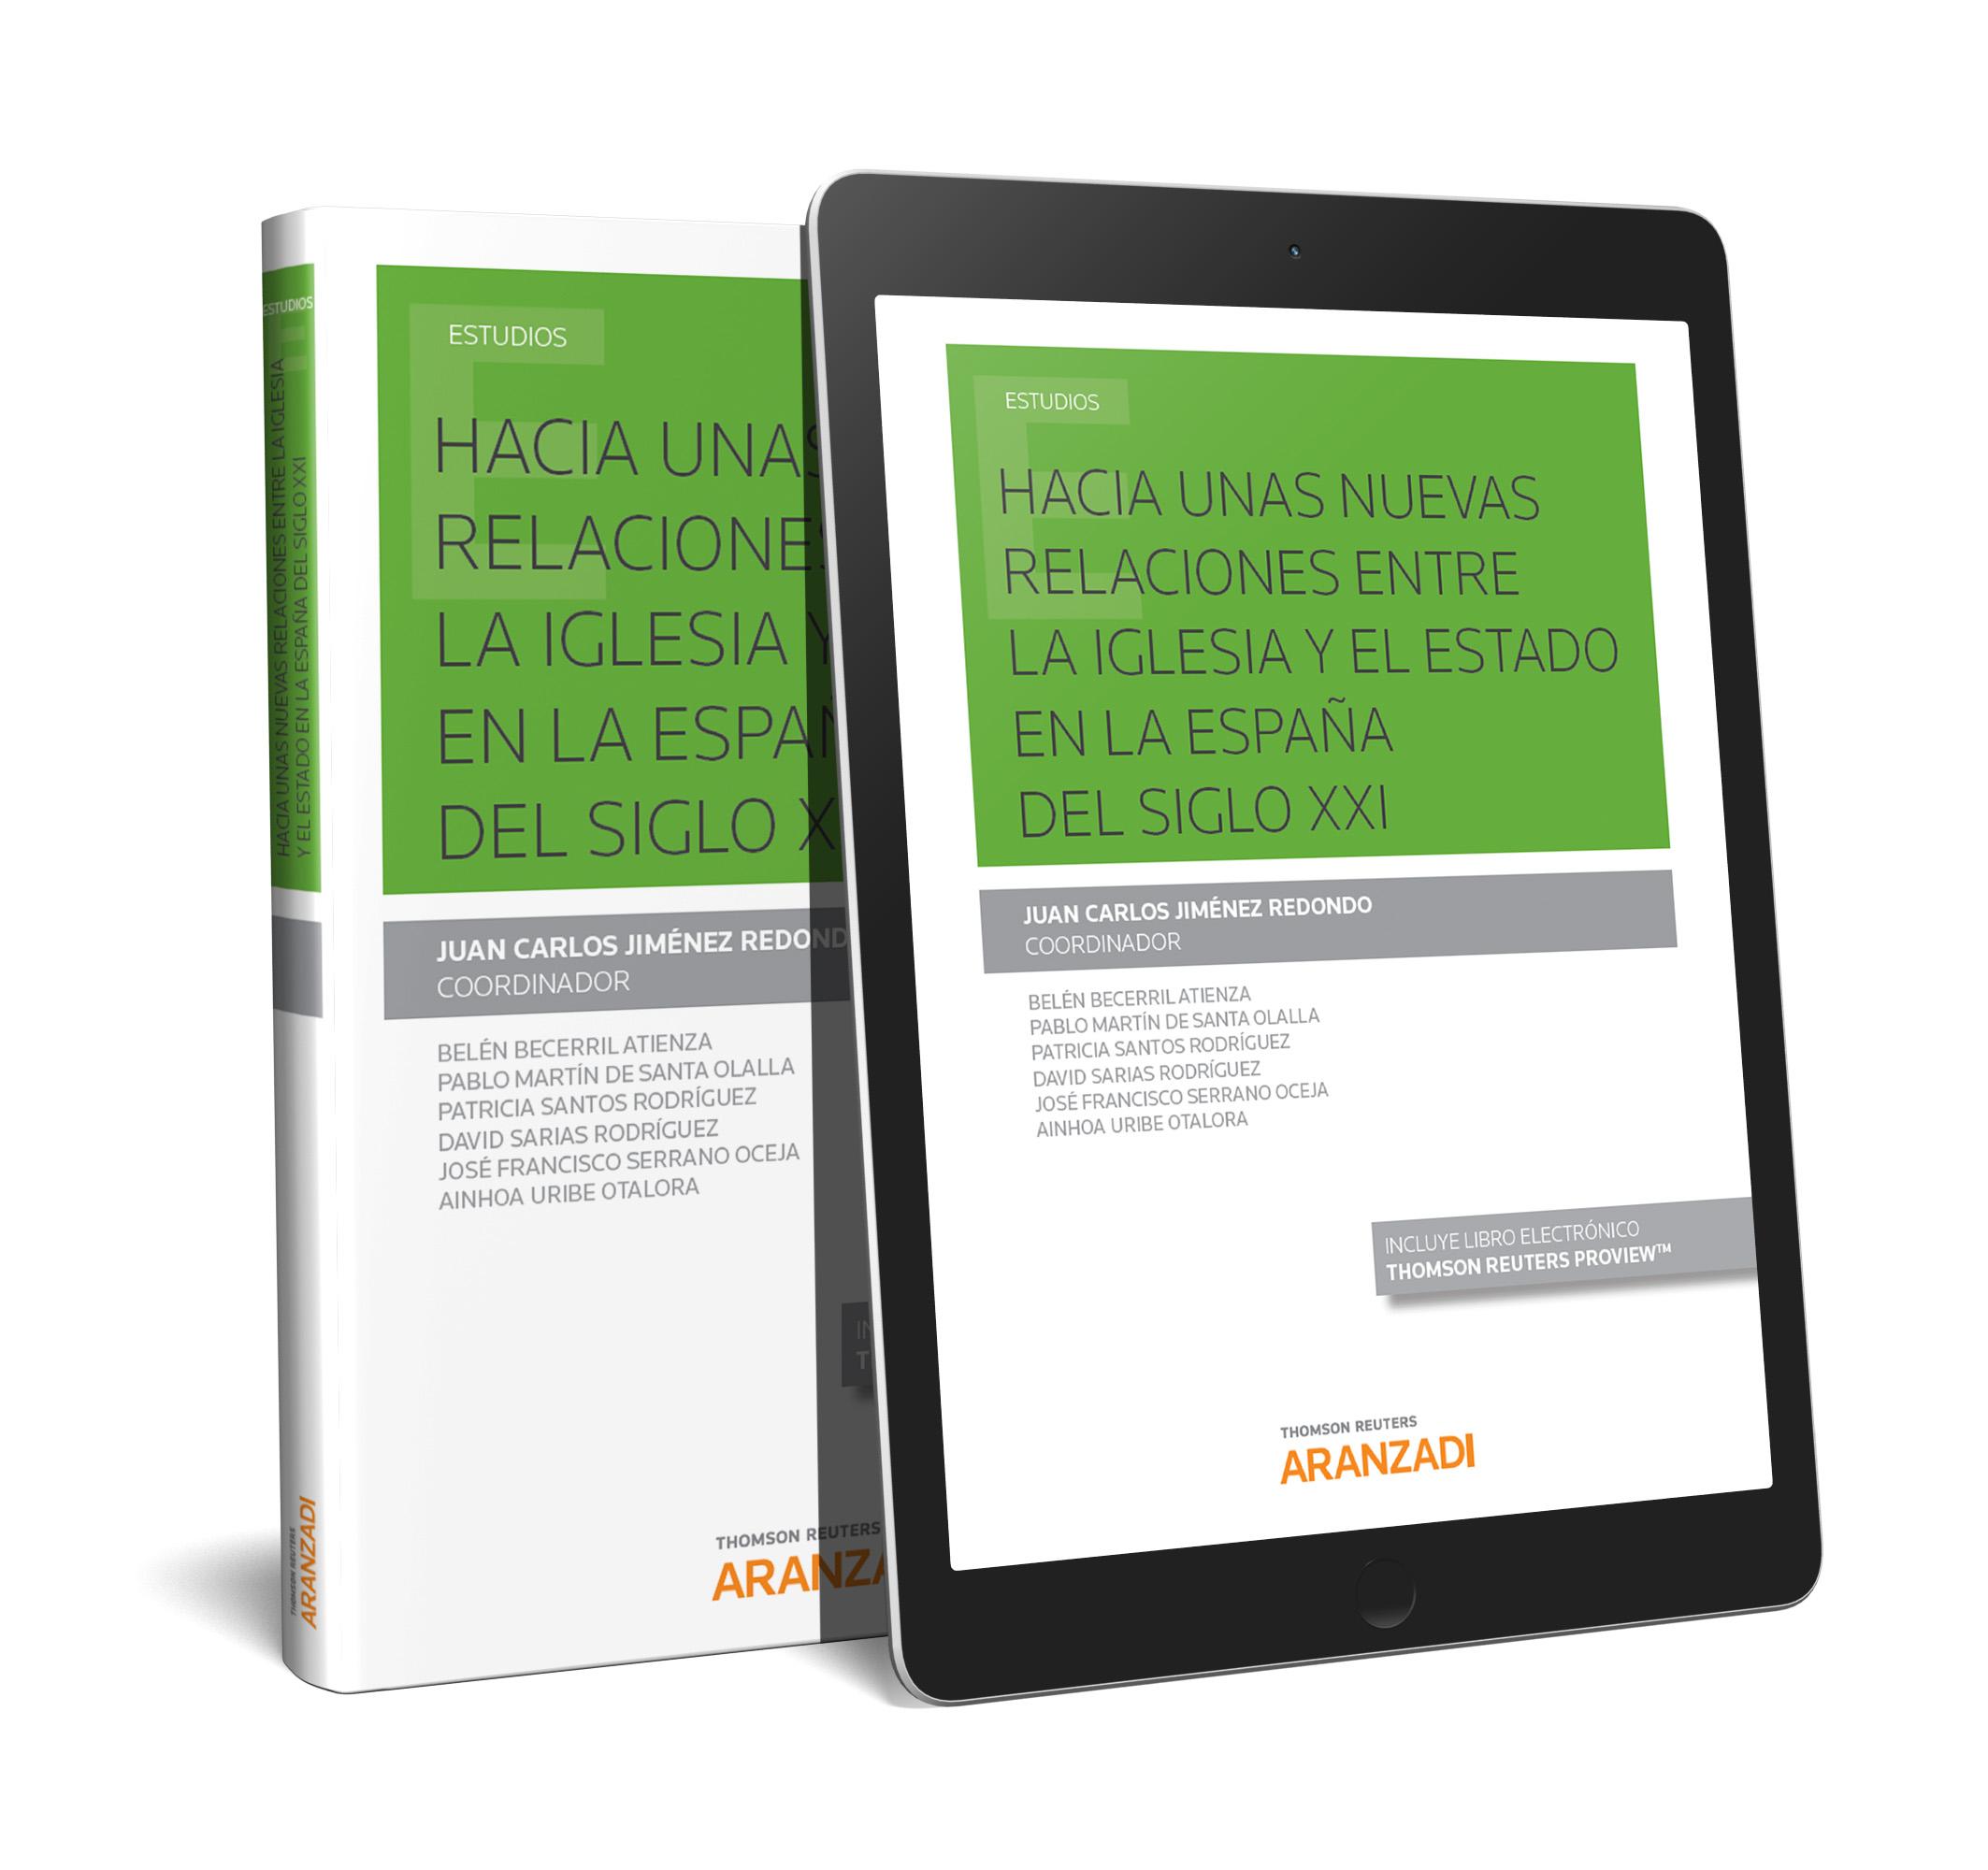 Hacia unas nuevas relaciones entre la Iglesia y el Estado en la España del siglo XXI (Papel + e-book)